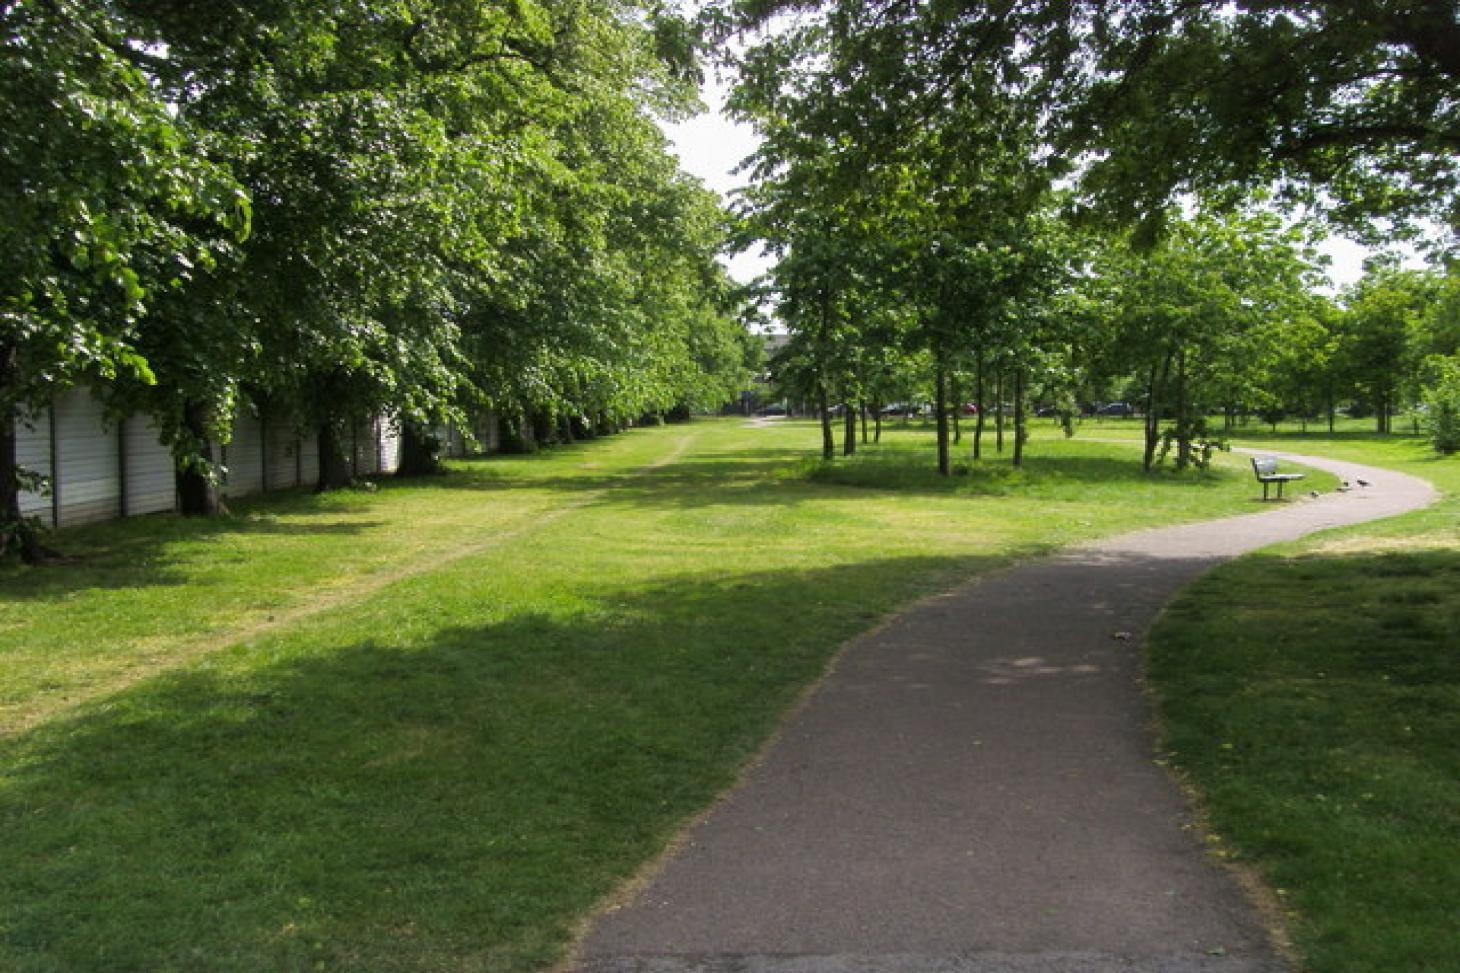 Down Lane Recreation Ground Outdoor | Hard (macadam) tennis court